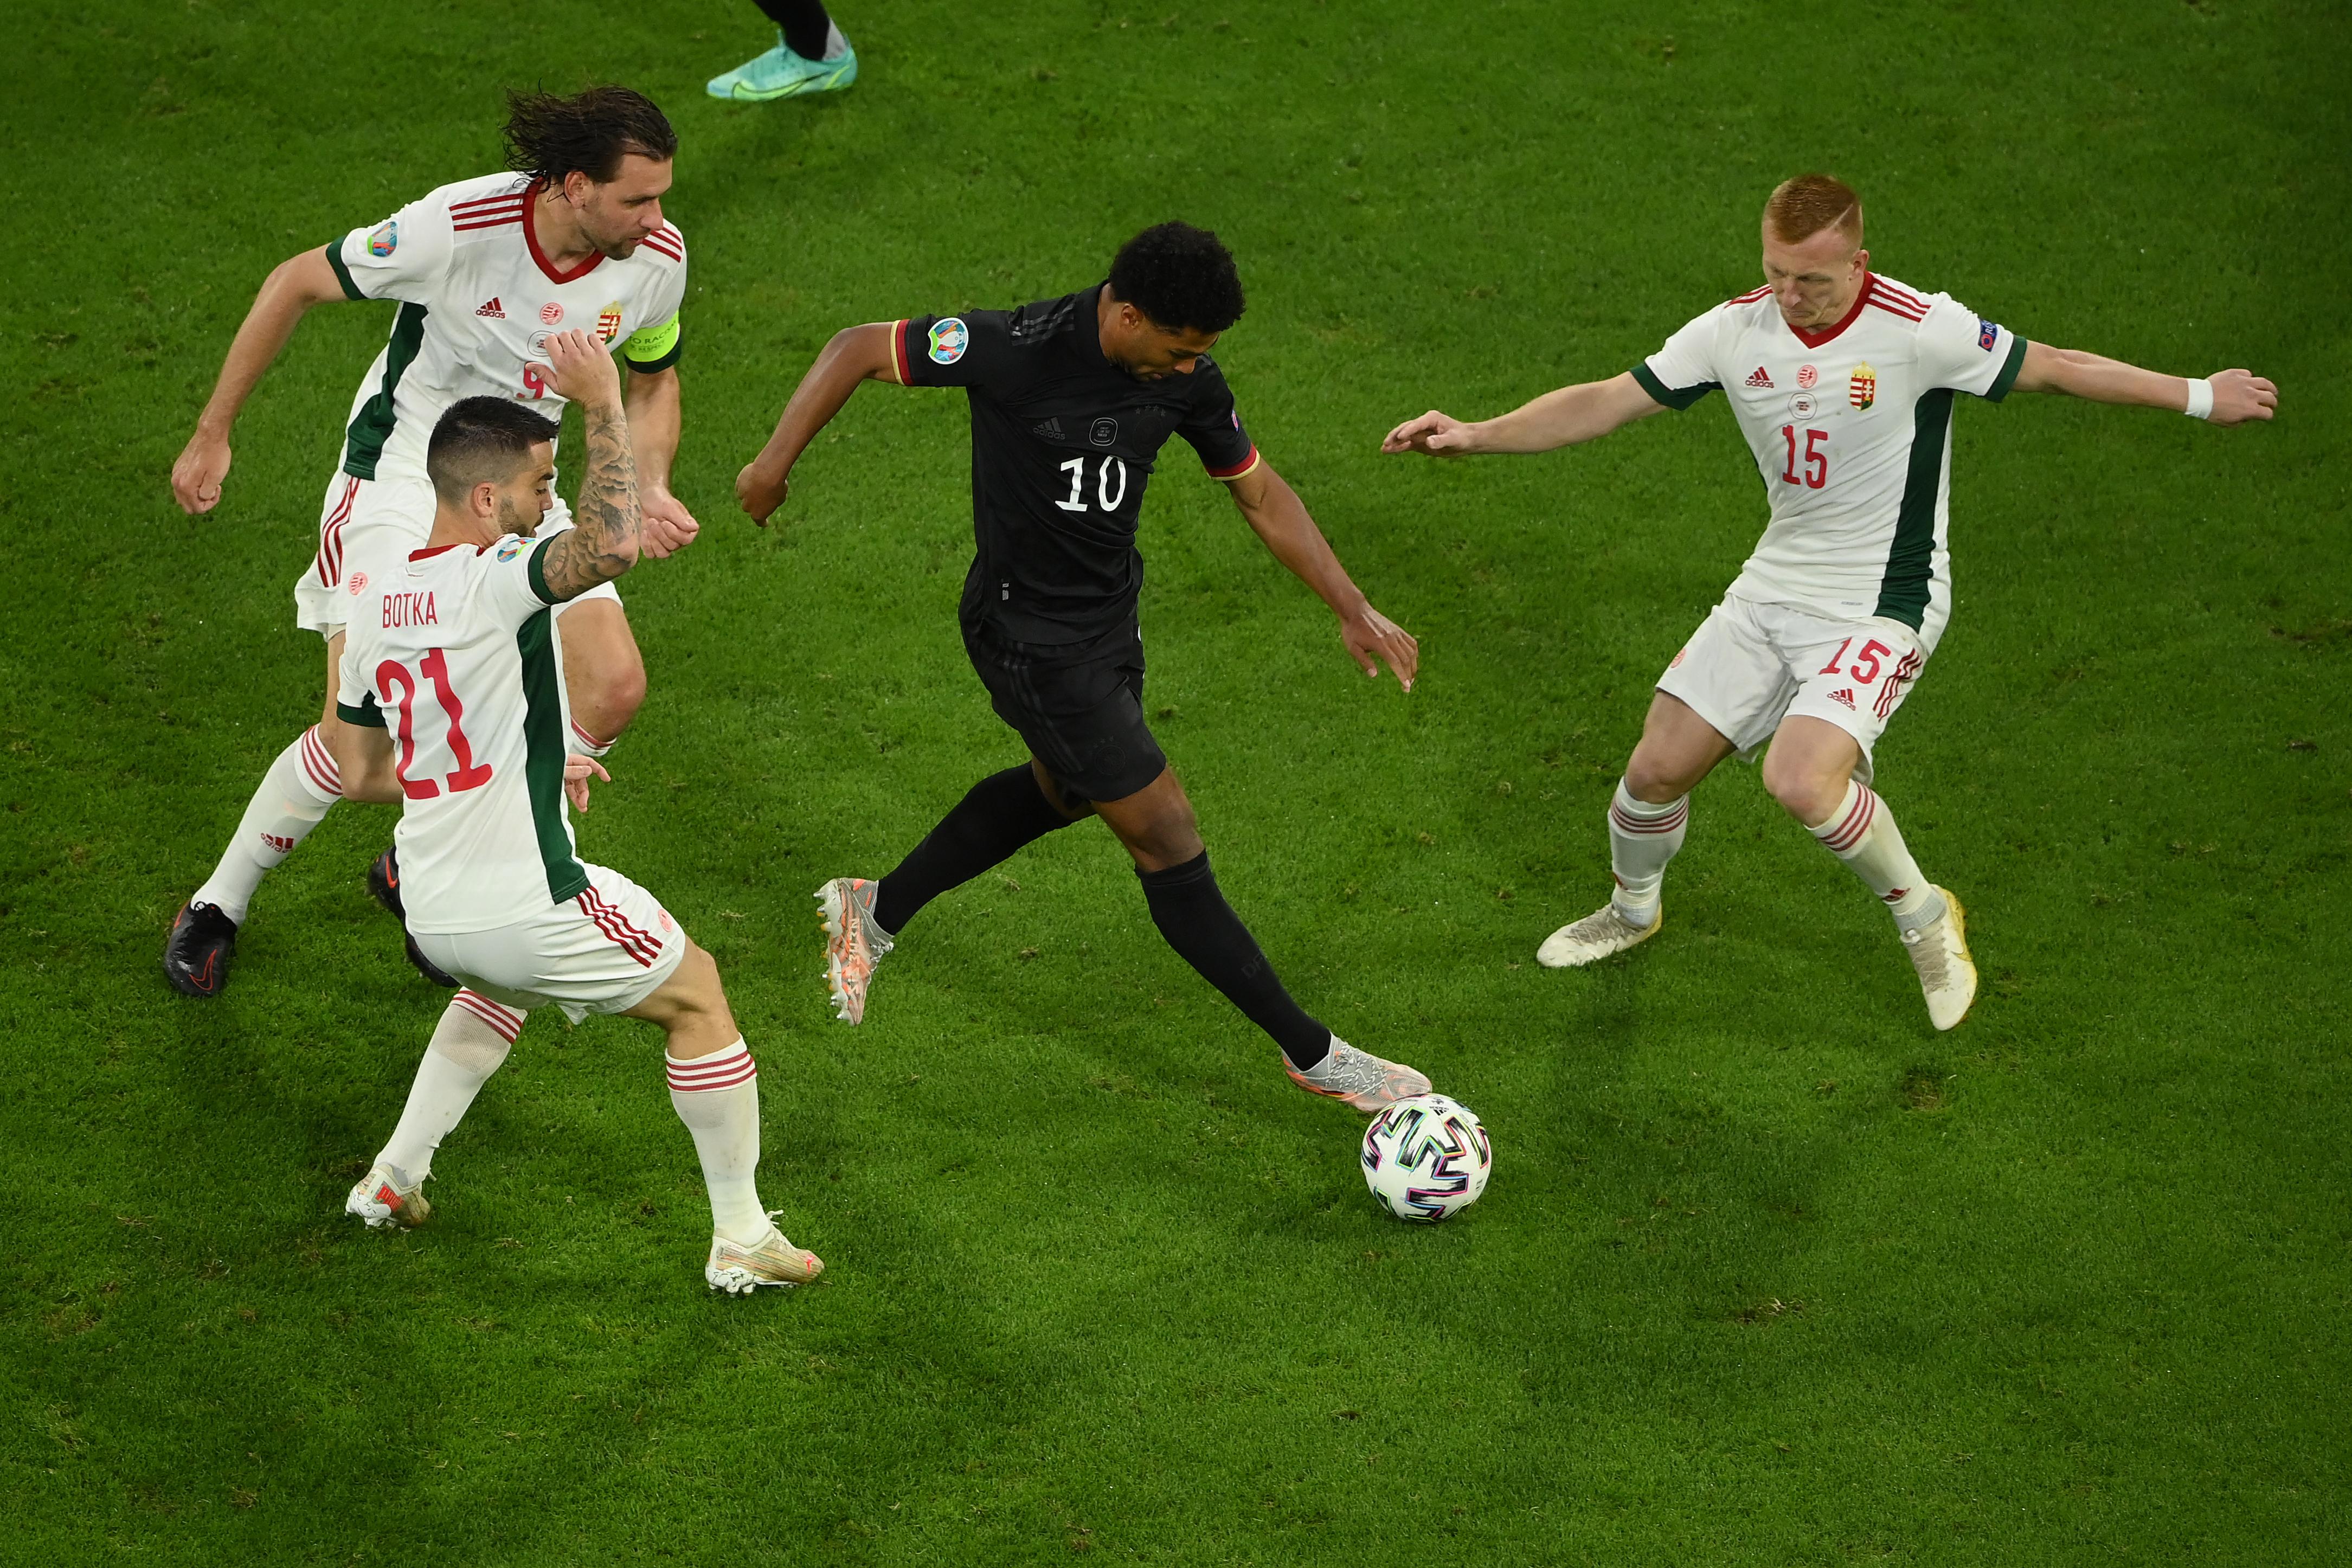 Fantasztikusat játszott, de kiesett a magyar válogatott